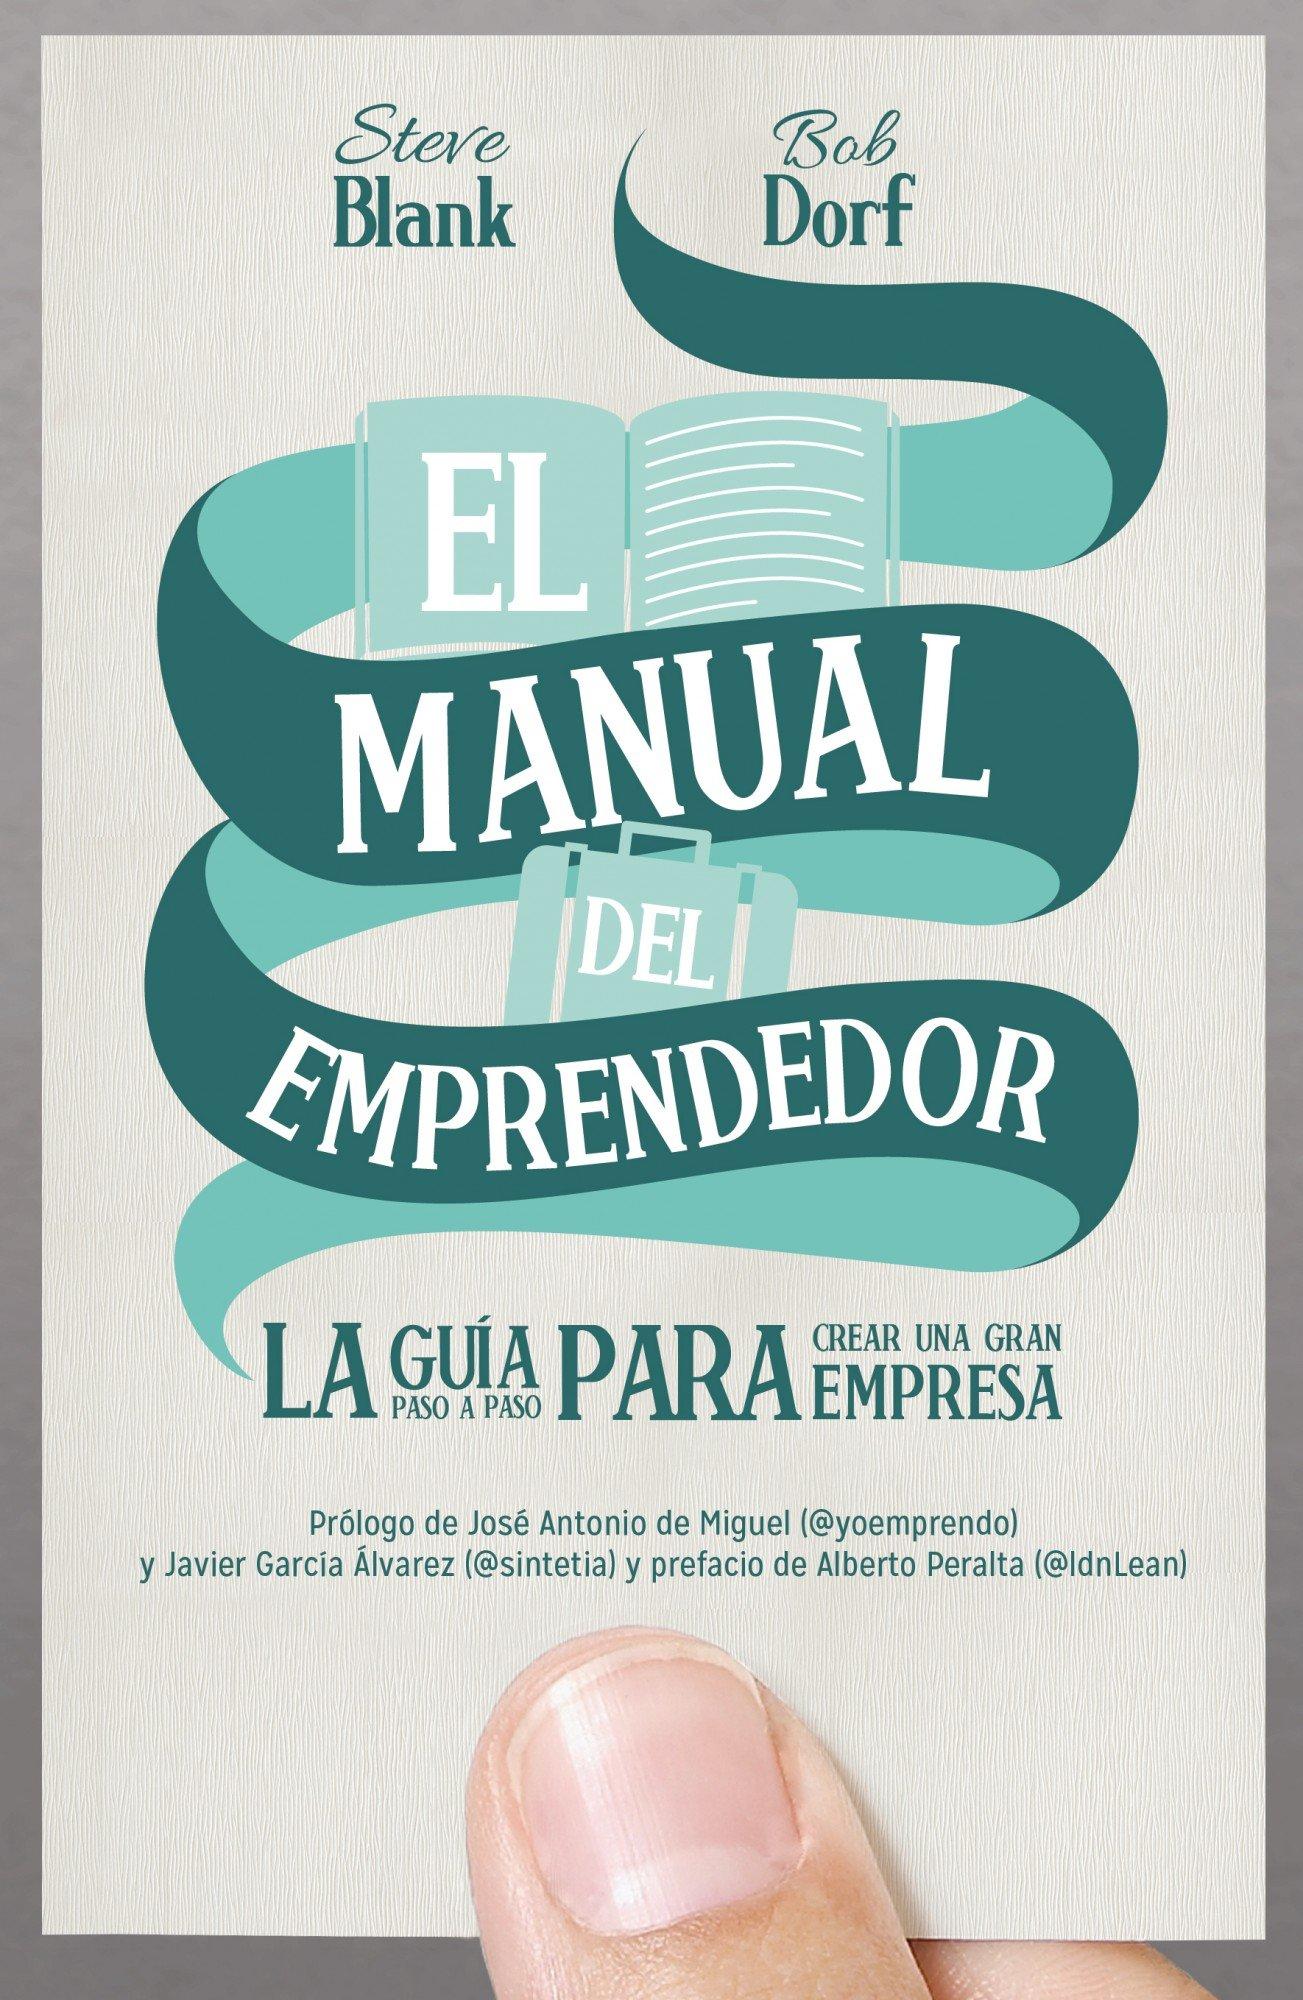 Resultado de imagen de El Manual de Emprendedor.